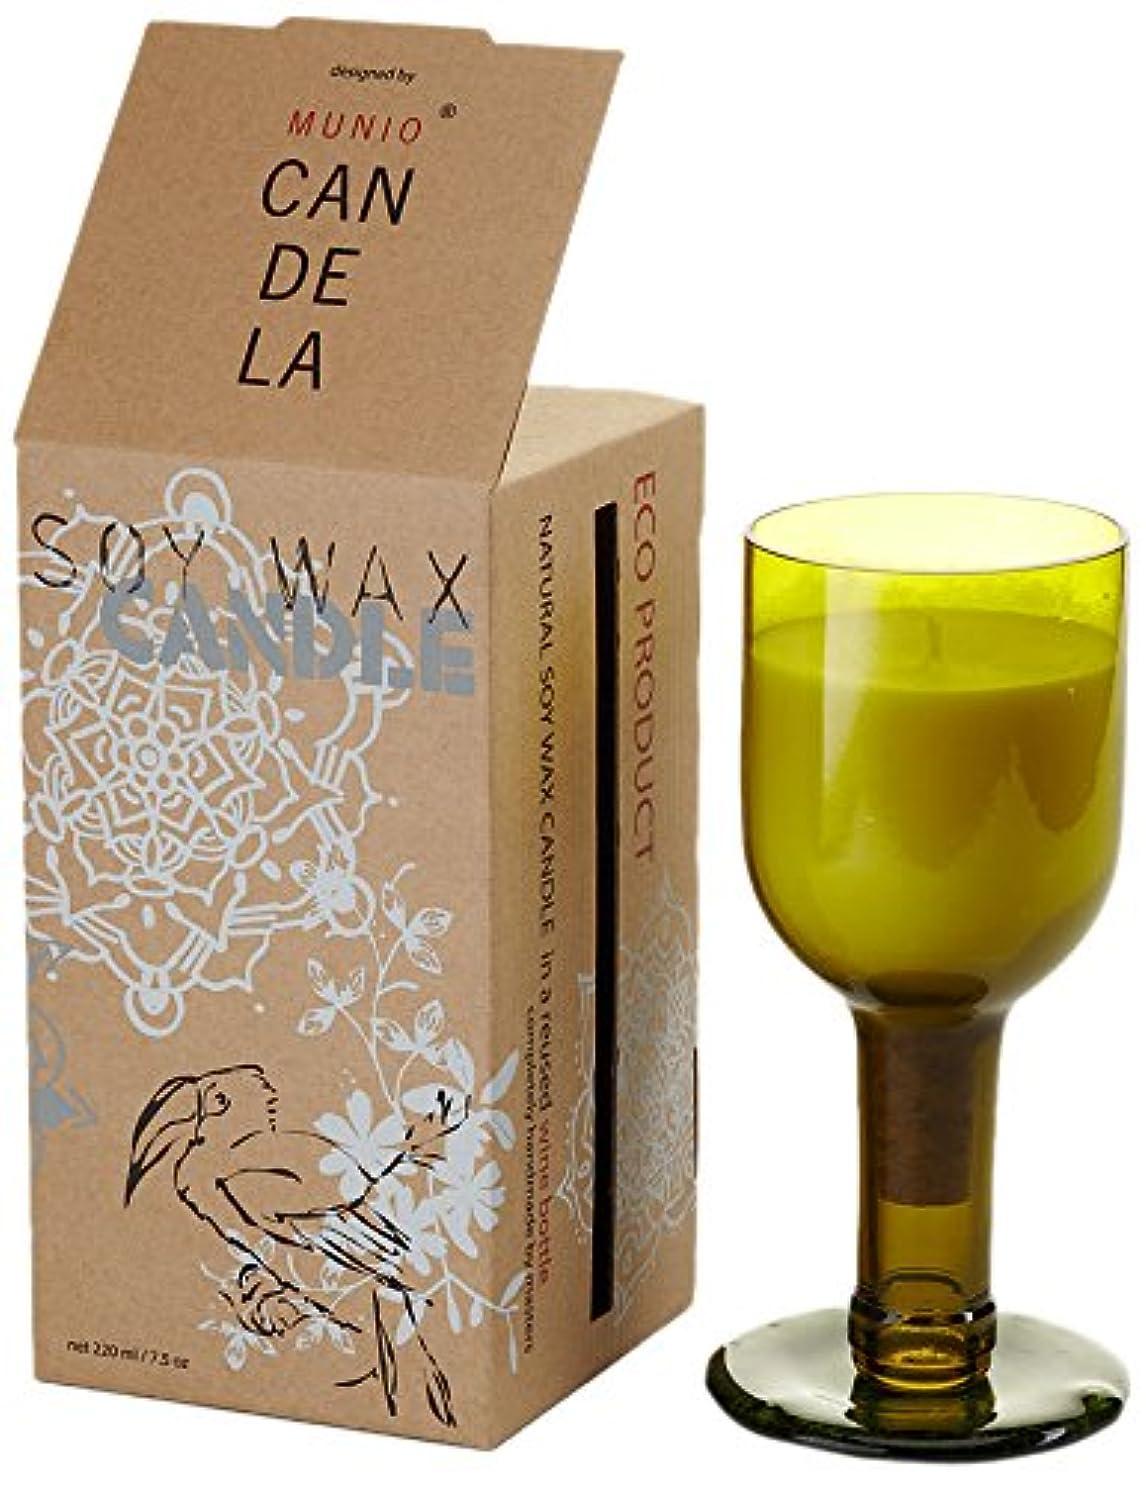 取り替える硬いアルカトラズ島ソイワックス リユーズド ネック ワインボトル キャンドル サマーロマンス